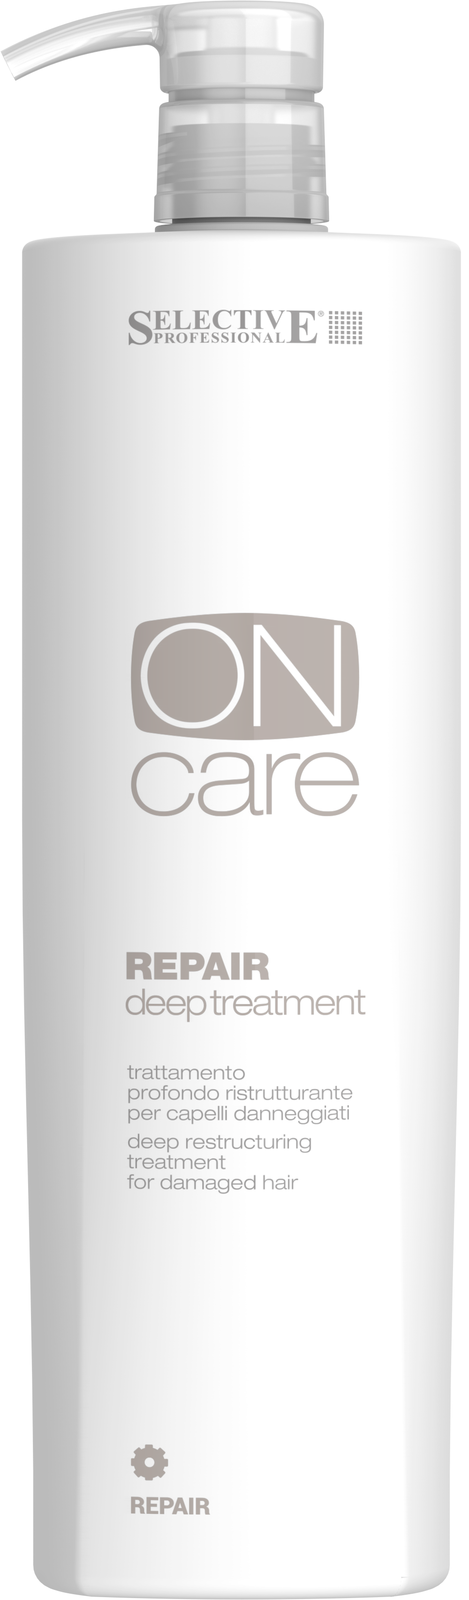 SELECTIVE PROFESSIONAL Средство глубокого восстановления поврежденных волос / On Care Repair 1000 мл серьги ювелирная бижутерия artis серьги ювелирная бижутерия